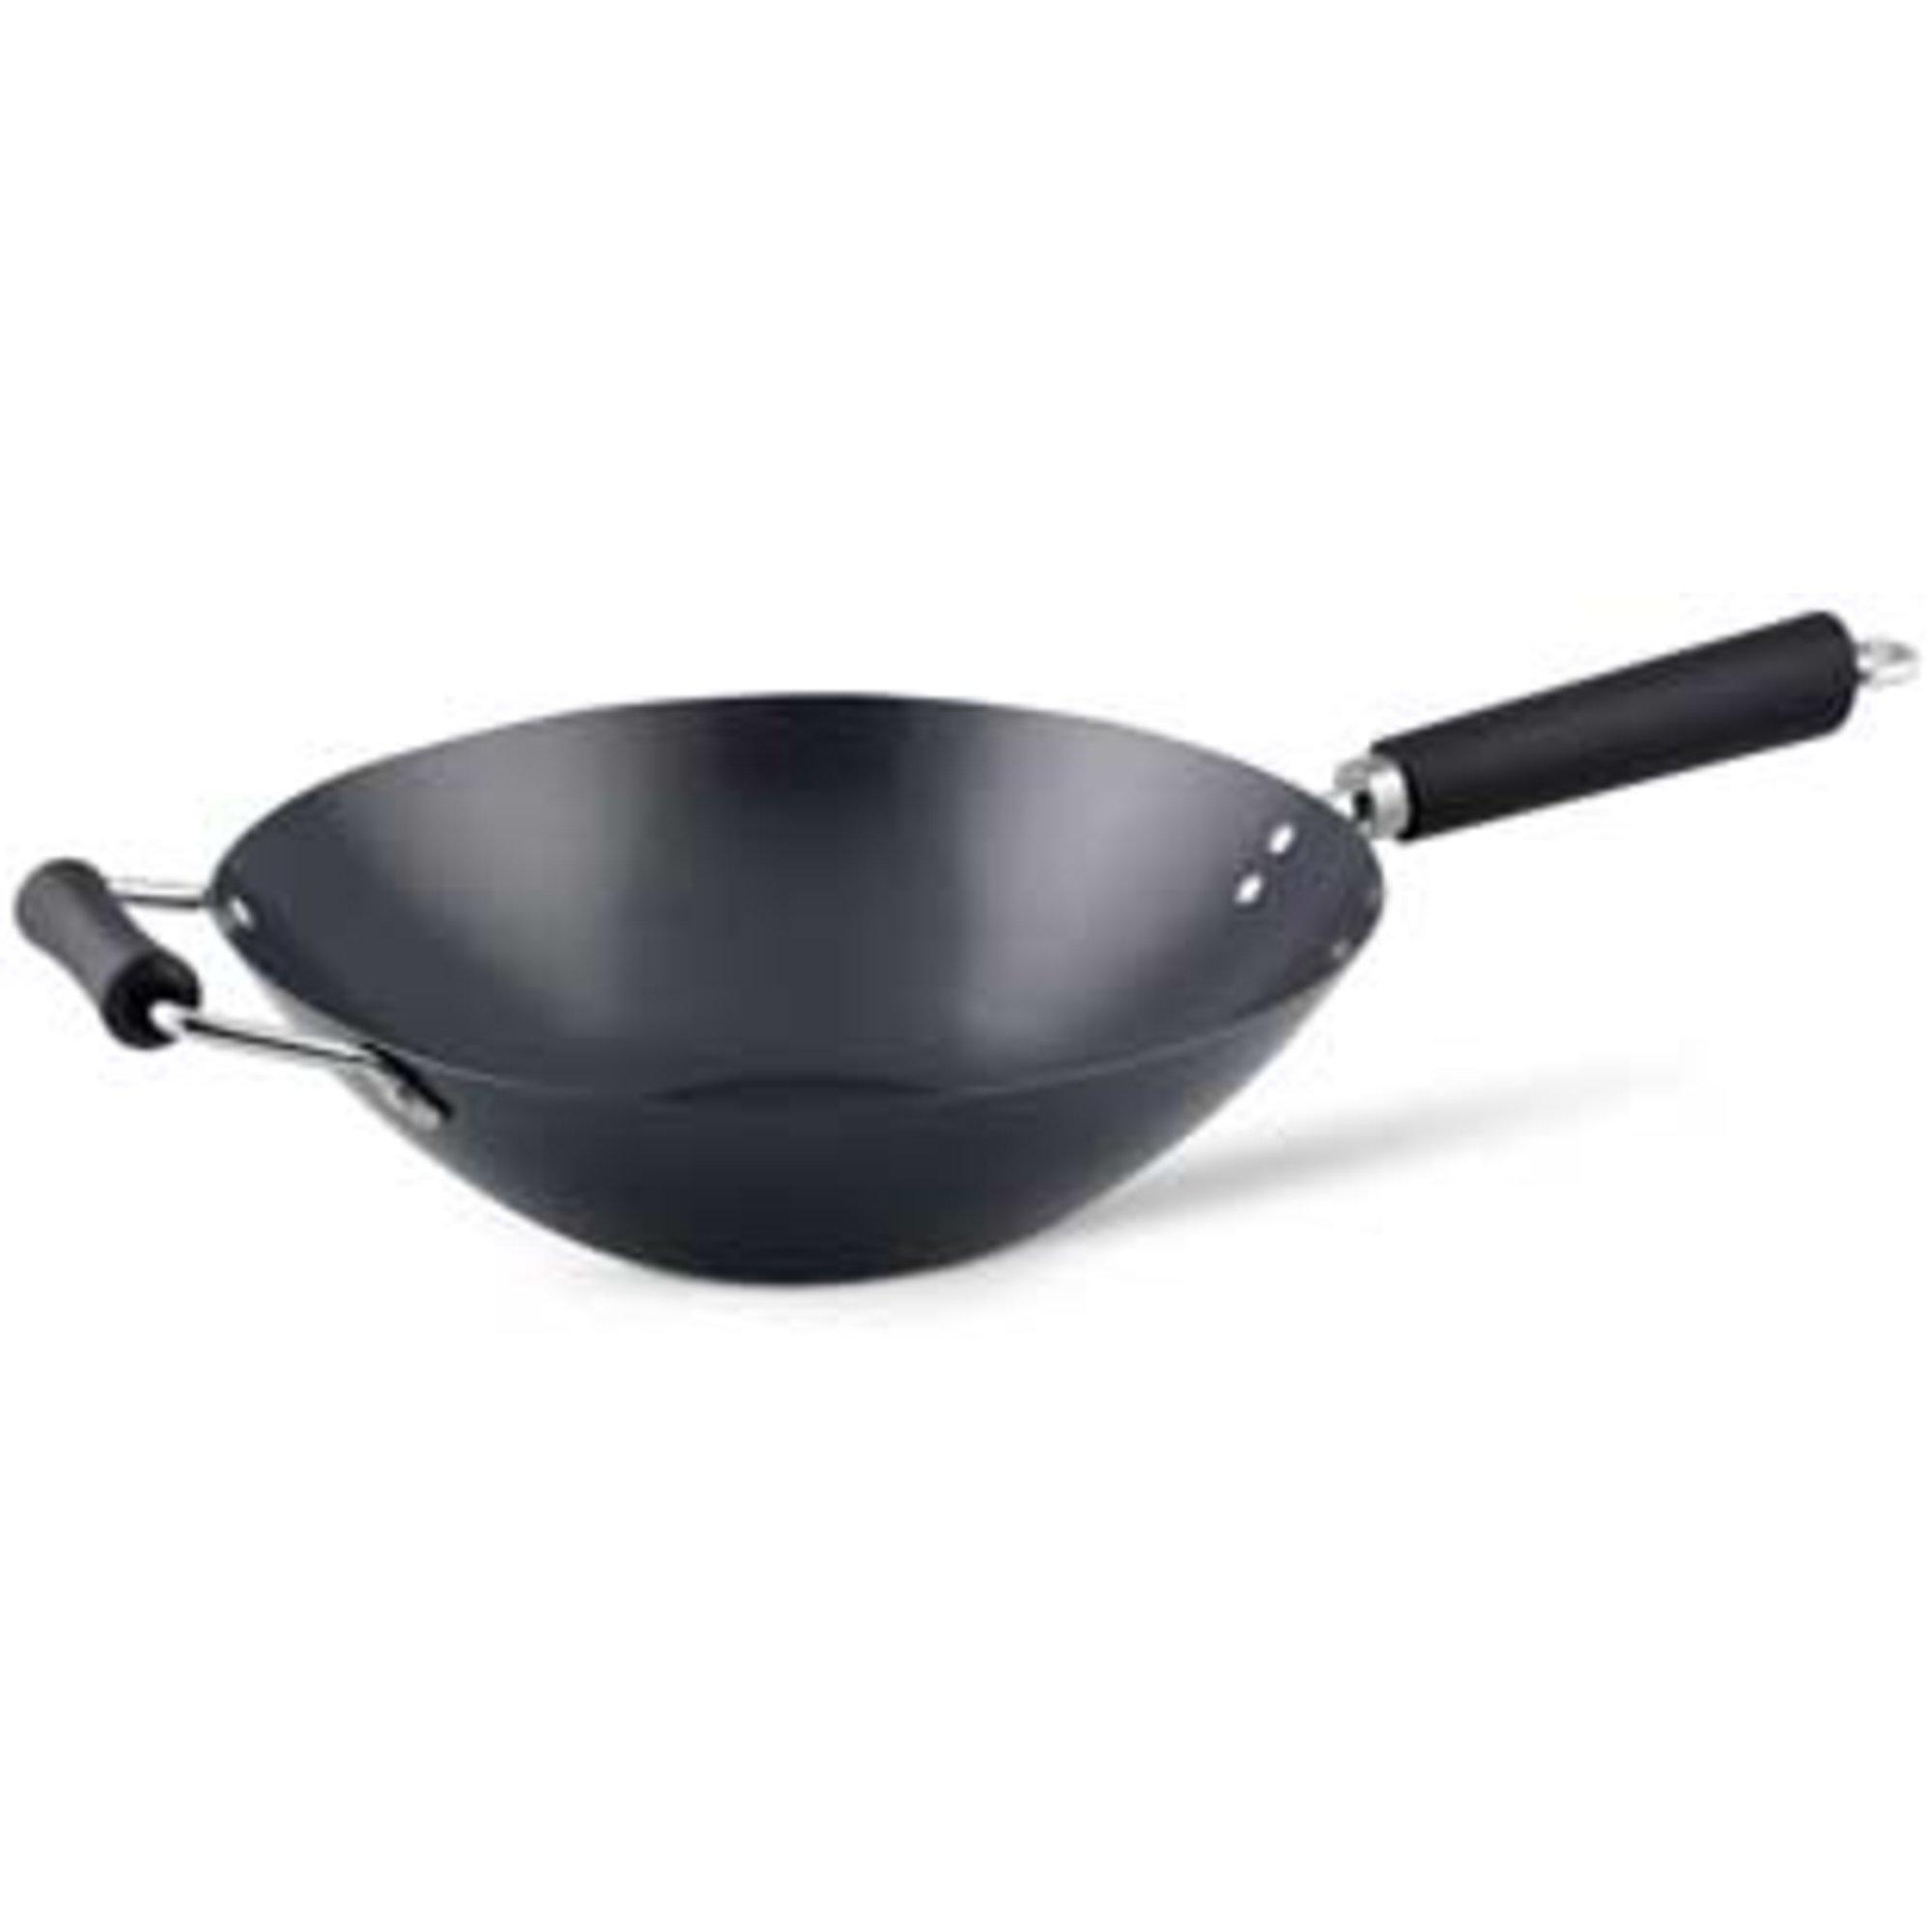 Ken Hom Excellence wokpanna Ø 31 cm.